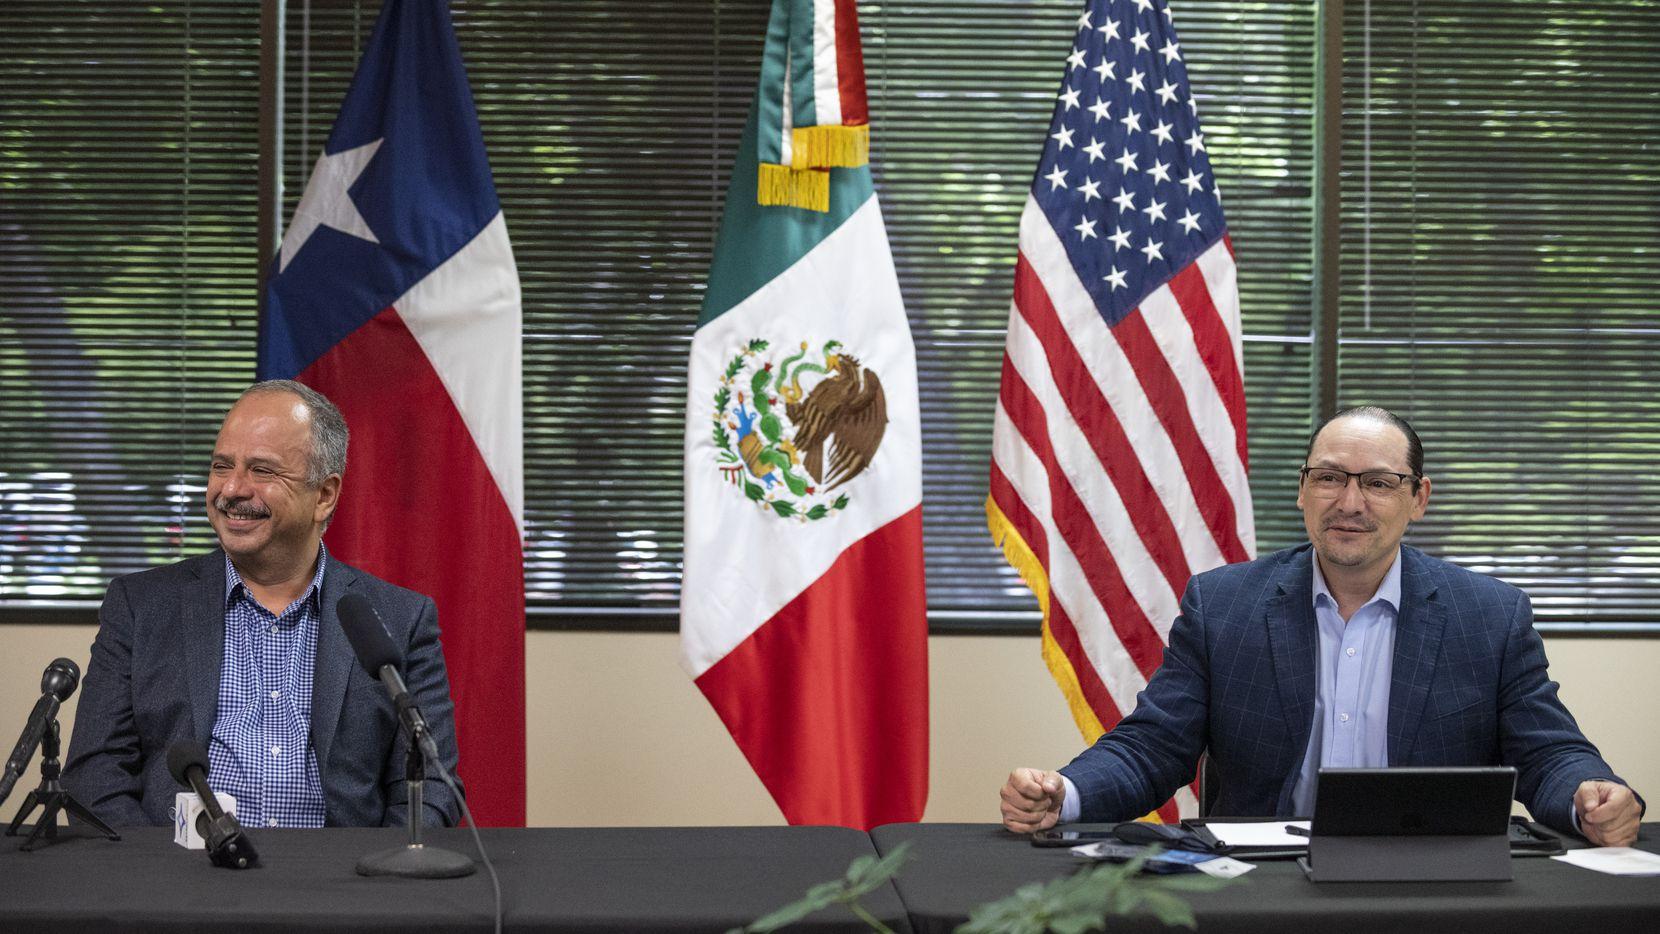 Luis Gutierrez Reyes (izq.), director del Instituto de Mexicanos en el Exterior participó de una rueda de prensa junto al cónsul de México en Dallas, Francisco de la Torre.